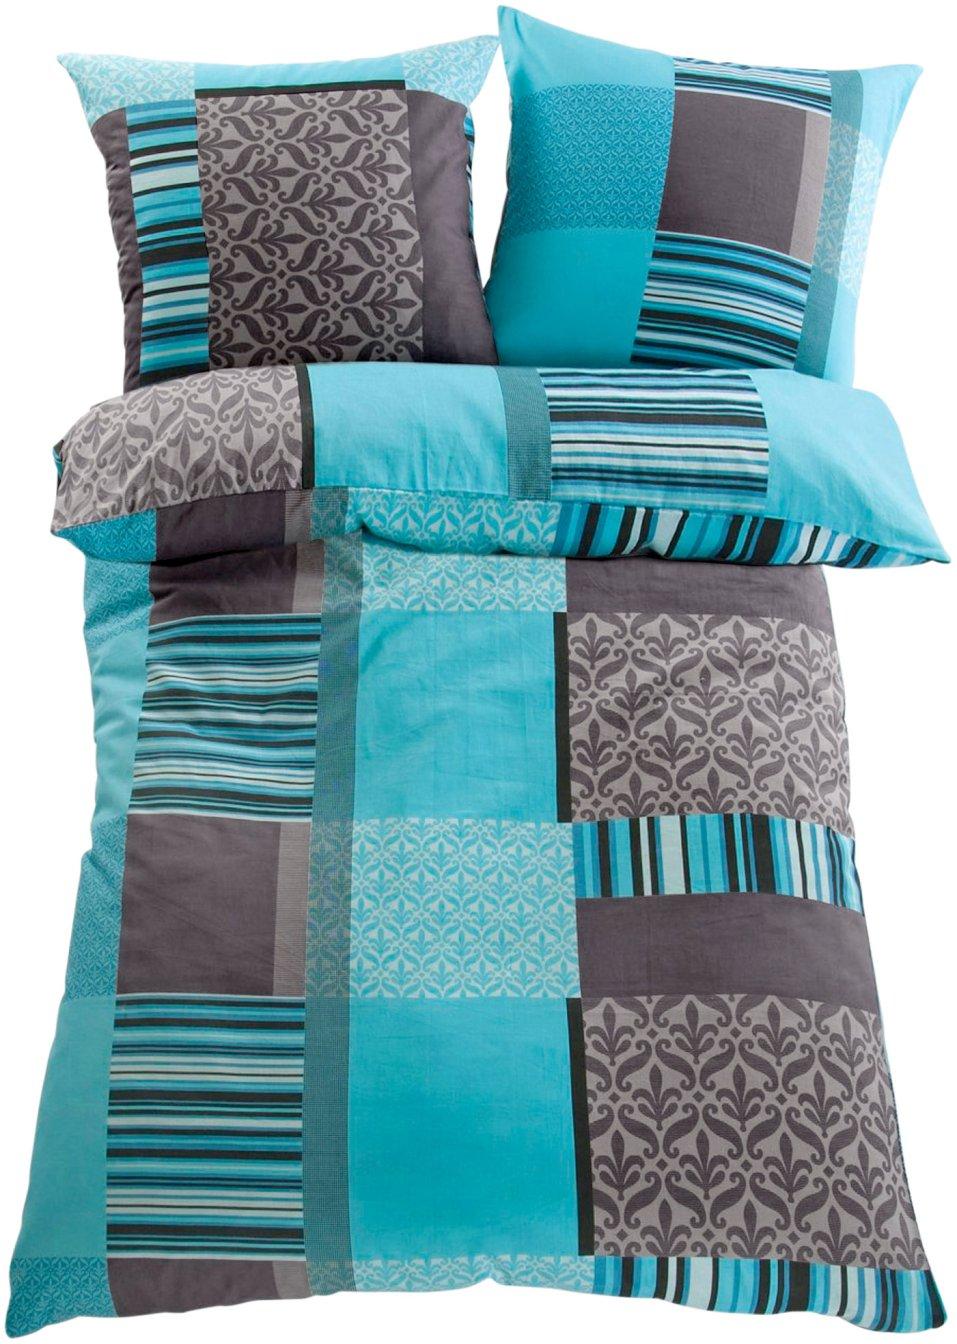 tolle farbkombination bettw sche matis im grafischen. Black Bedroom Furniture Sets. Home Design Ideas